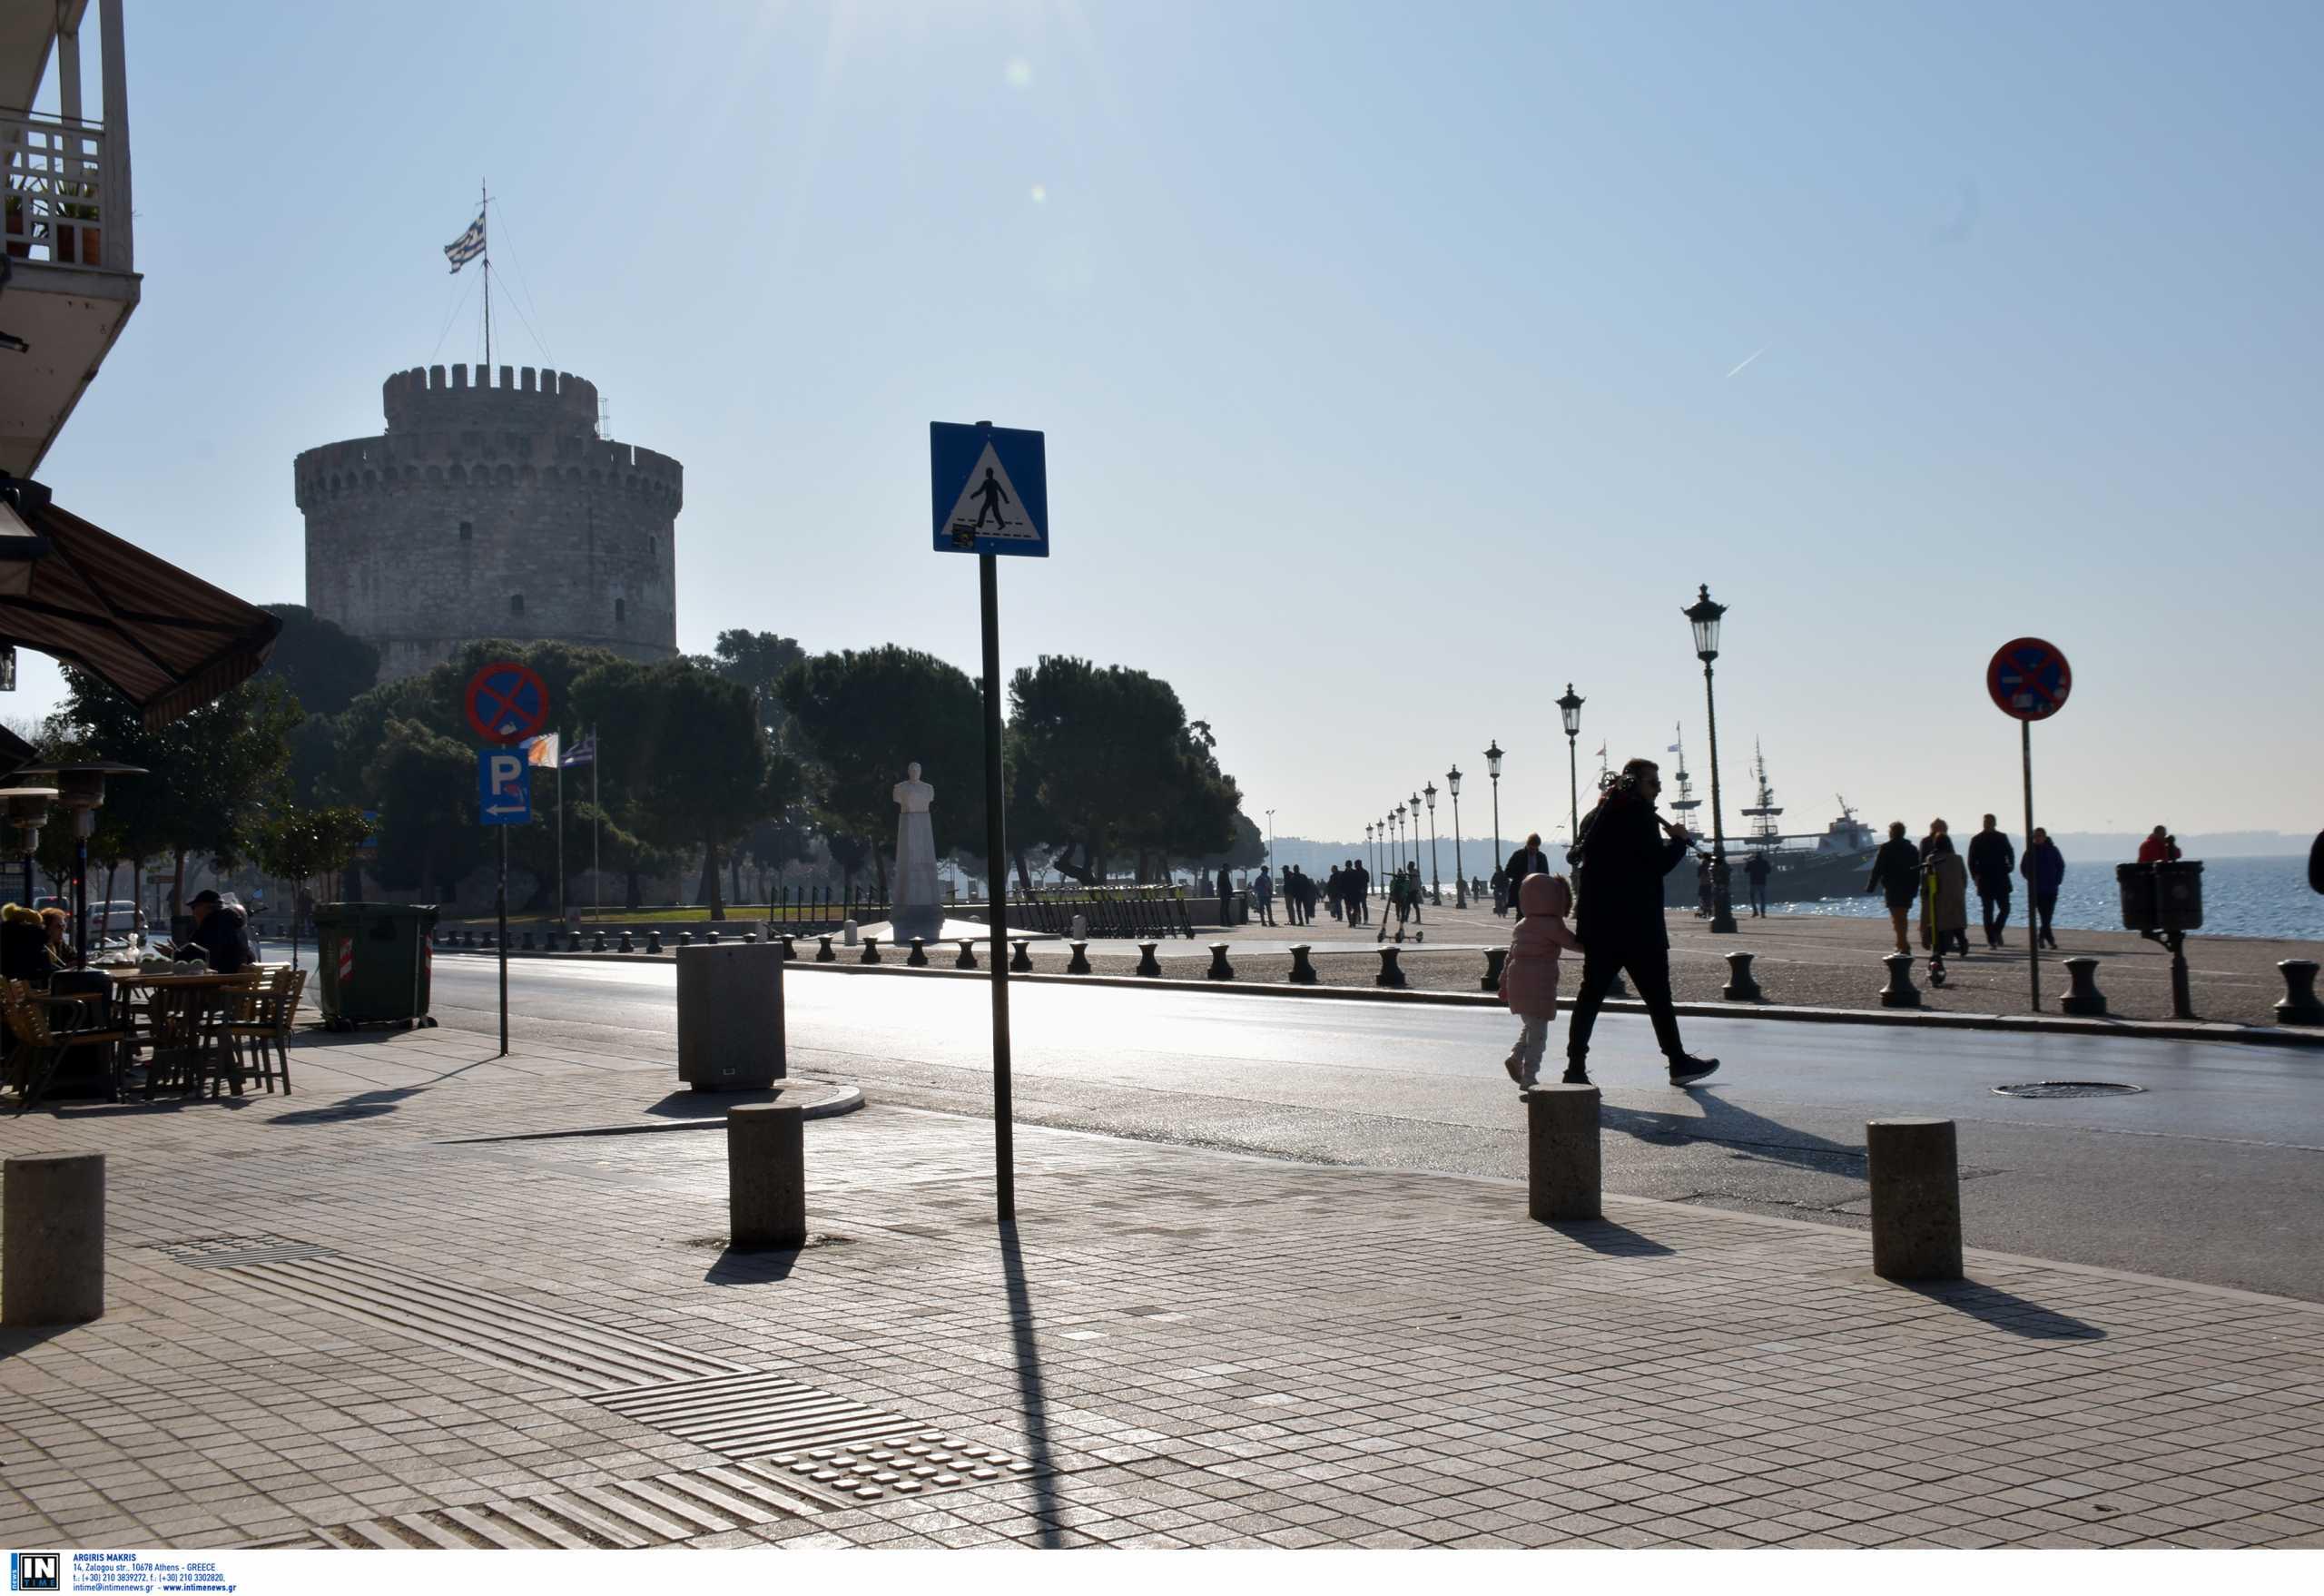 Βόρεια Ελλάδα: Από 700 ασθενείς, οι 560 δεν έχουν κάνει το εμβόλιο